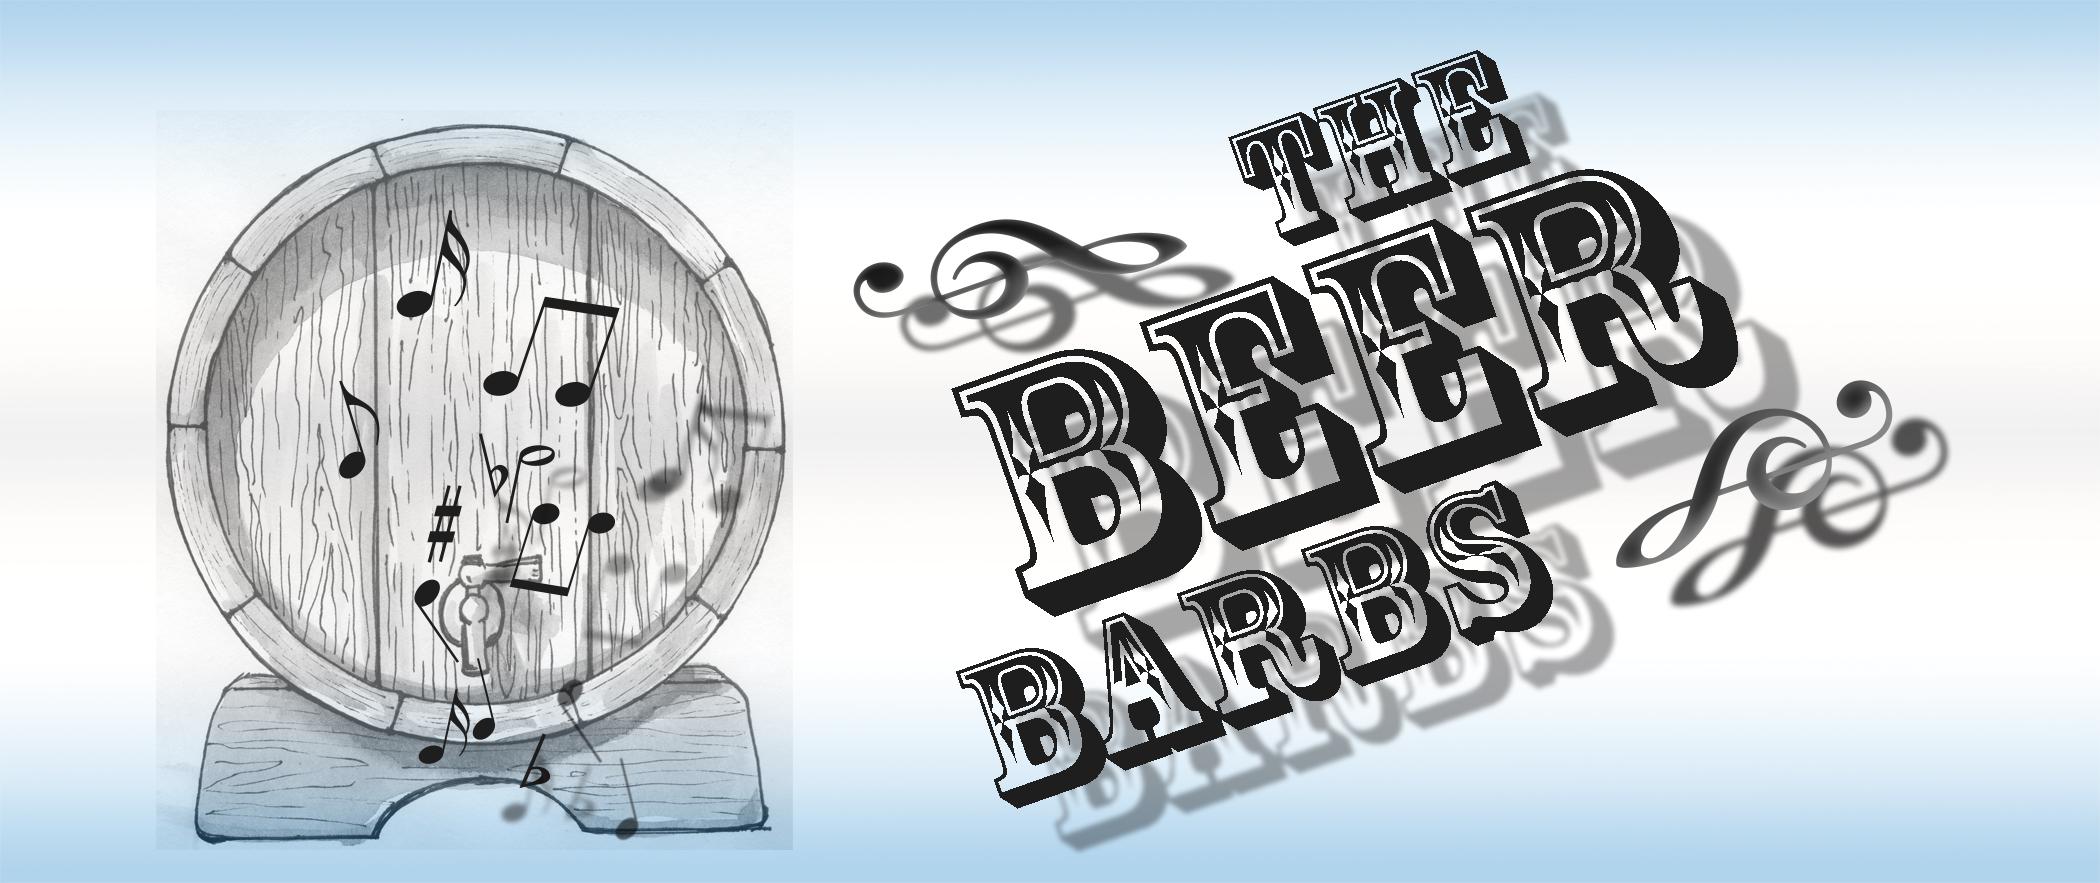 The Beer Barbs